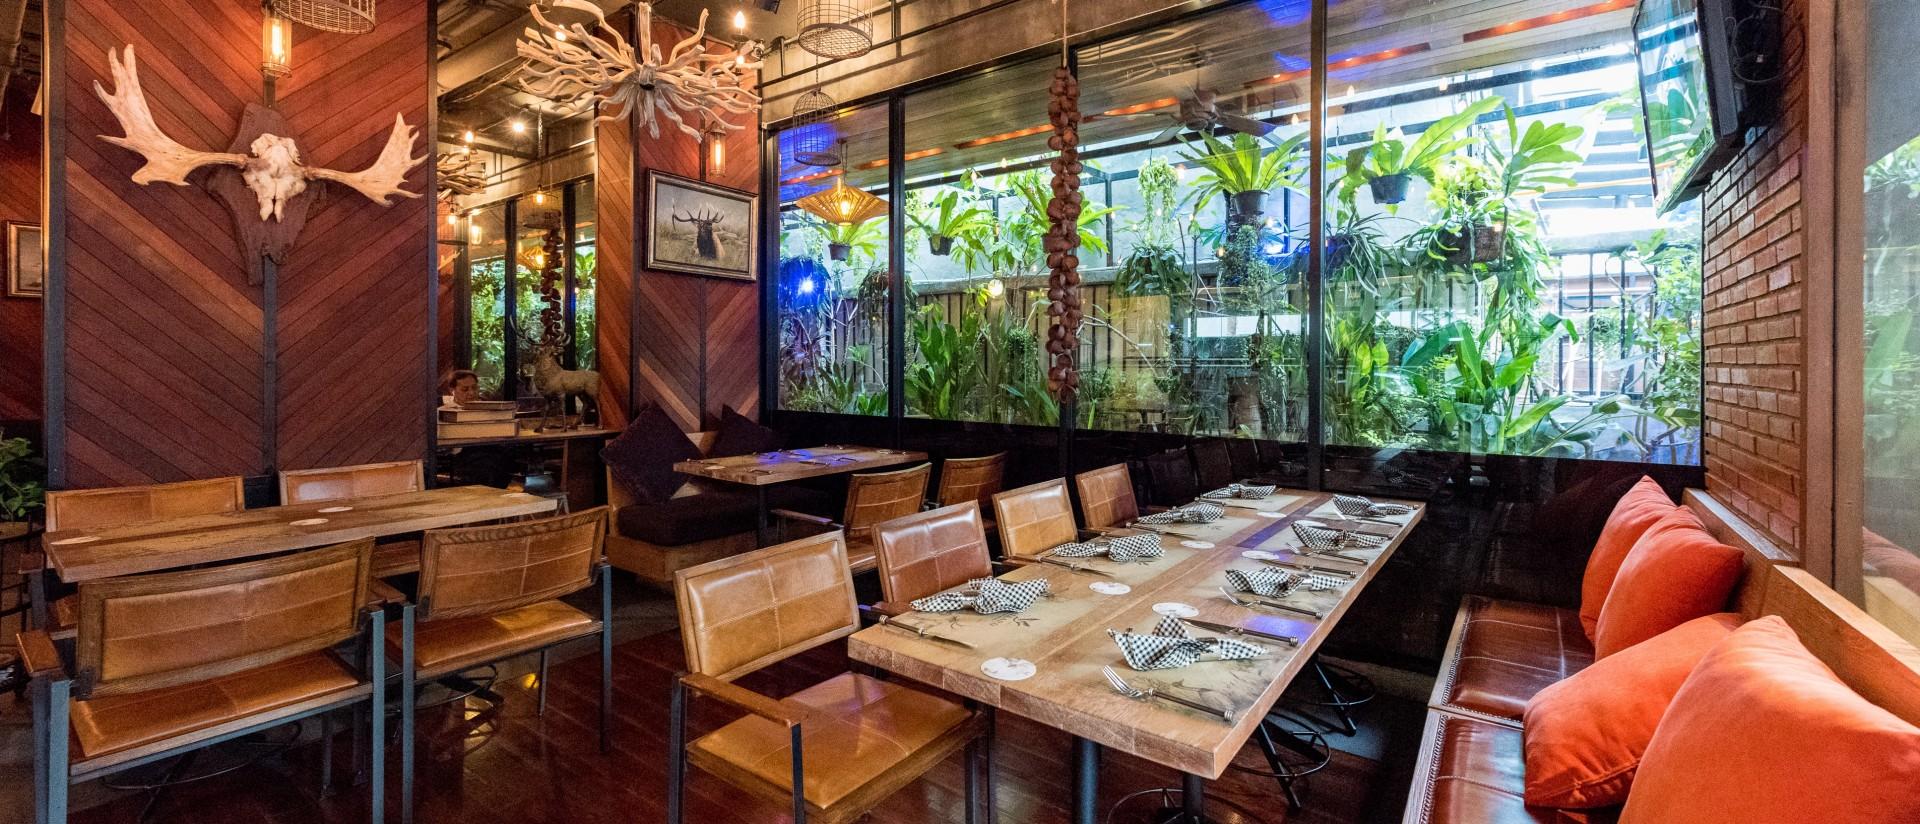 Mallard-Restaurant-Ambience-HR-23.jpg